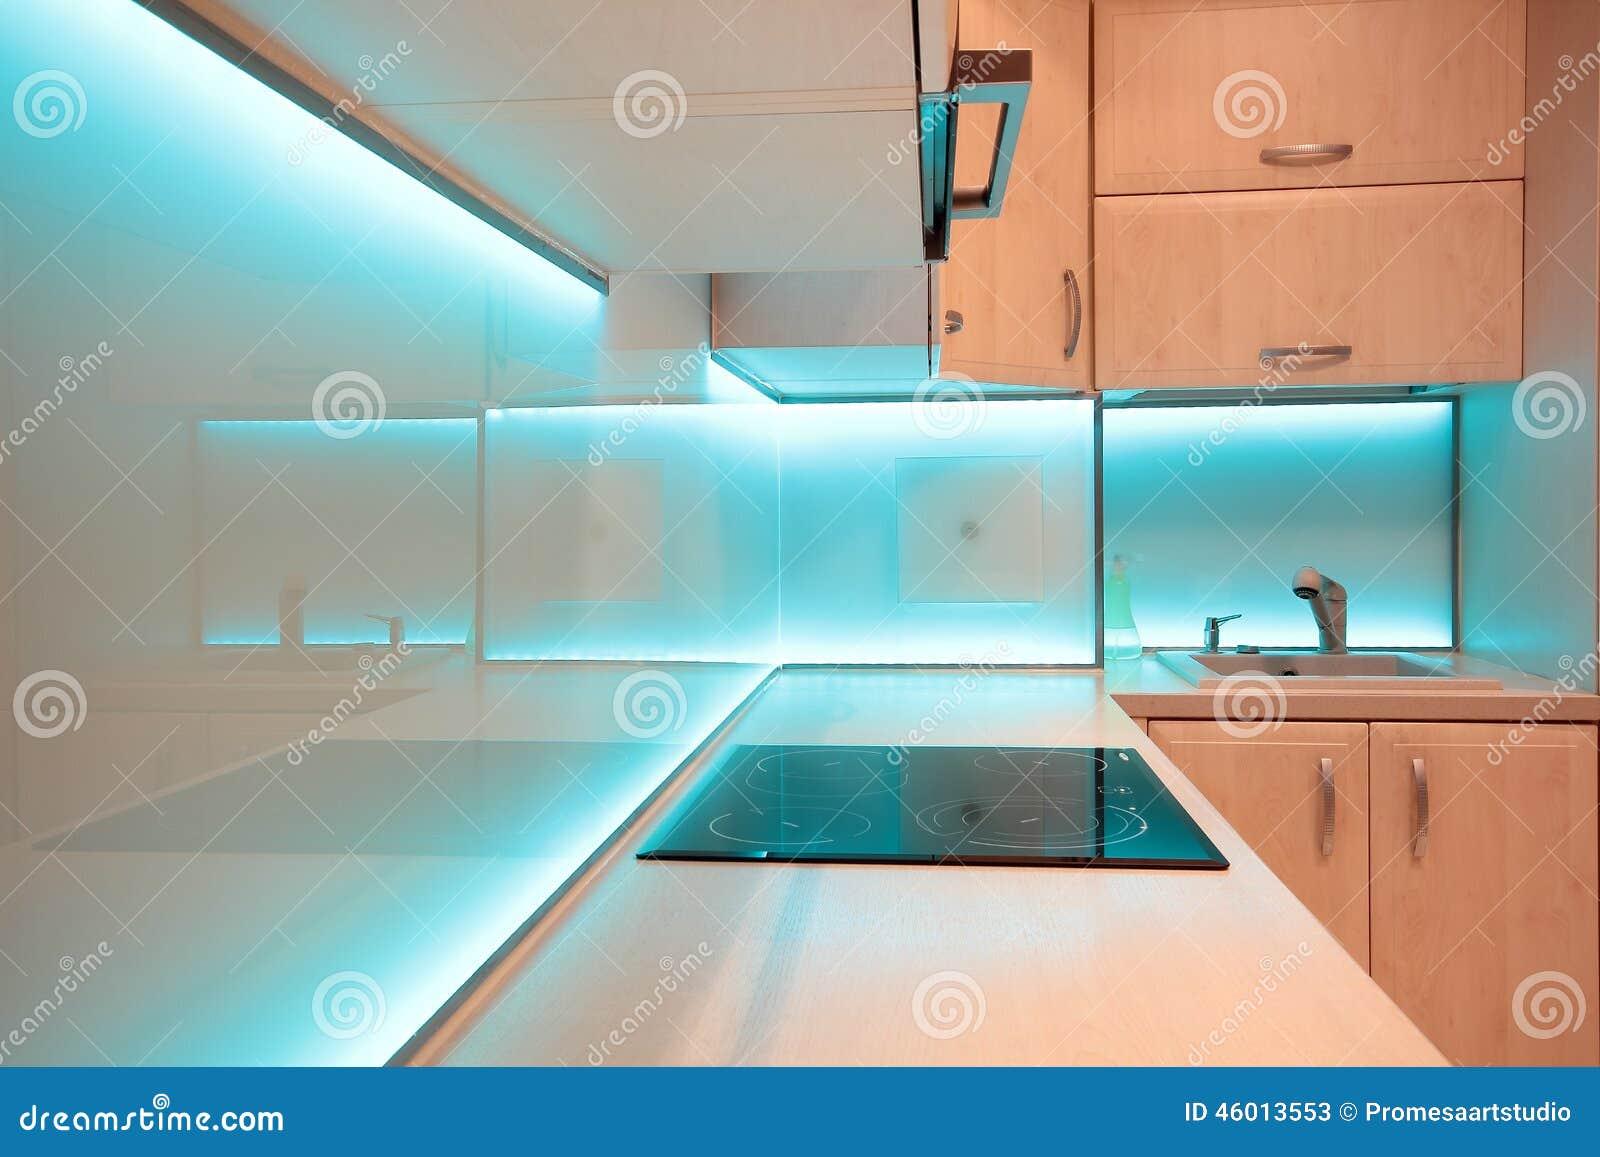 Moderne luxekeuken met blauwe LEIDENE verlichting